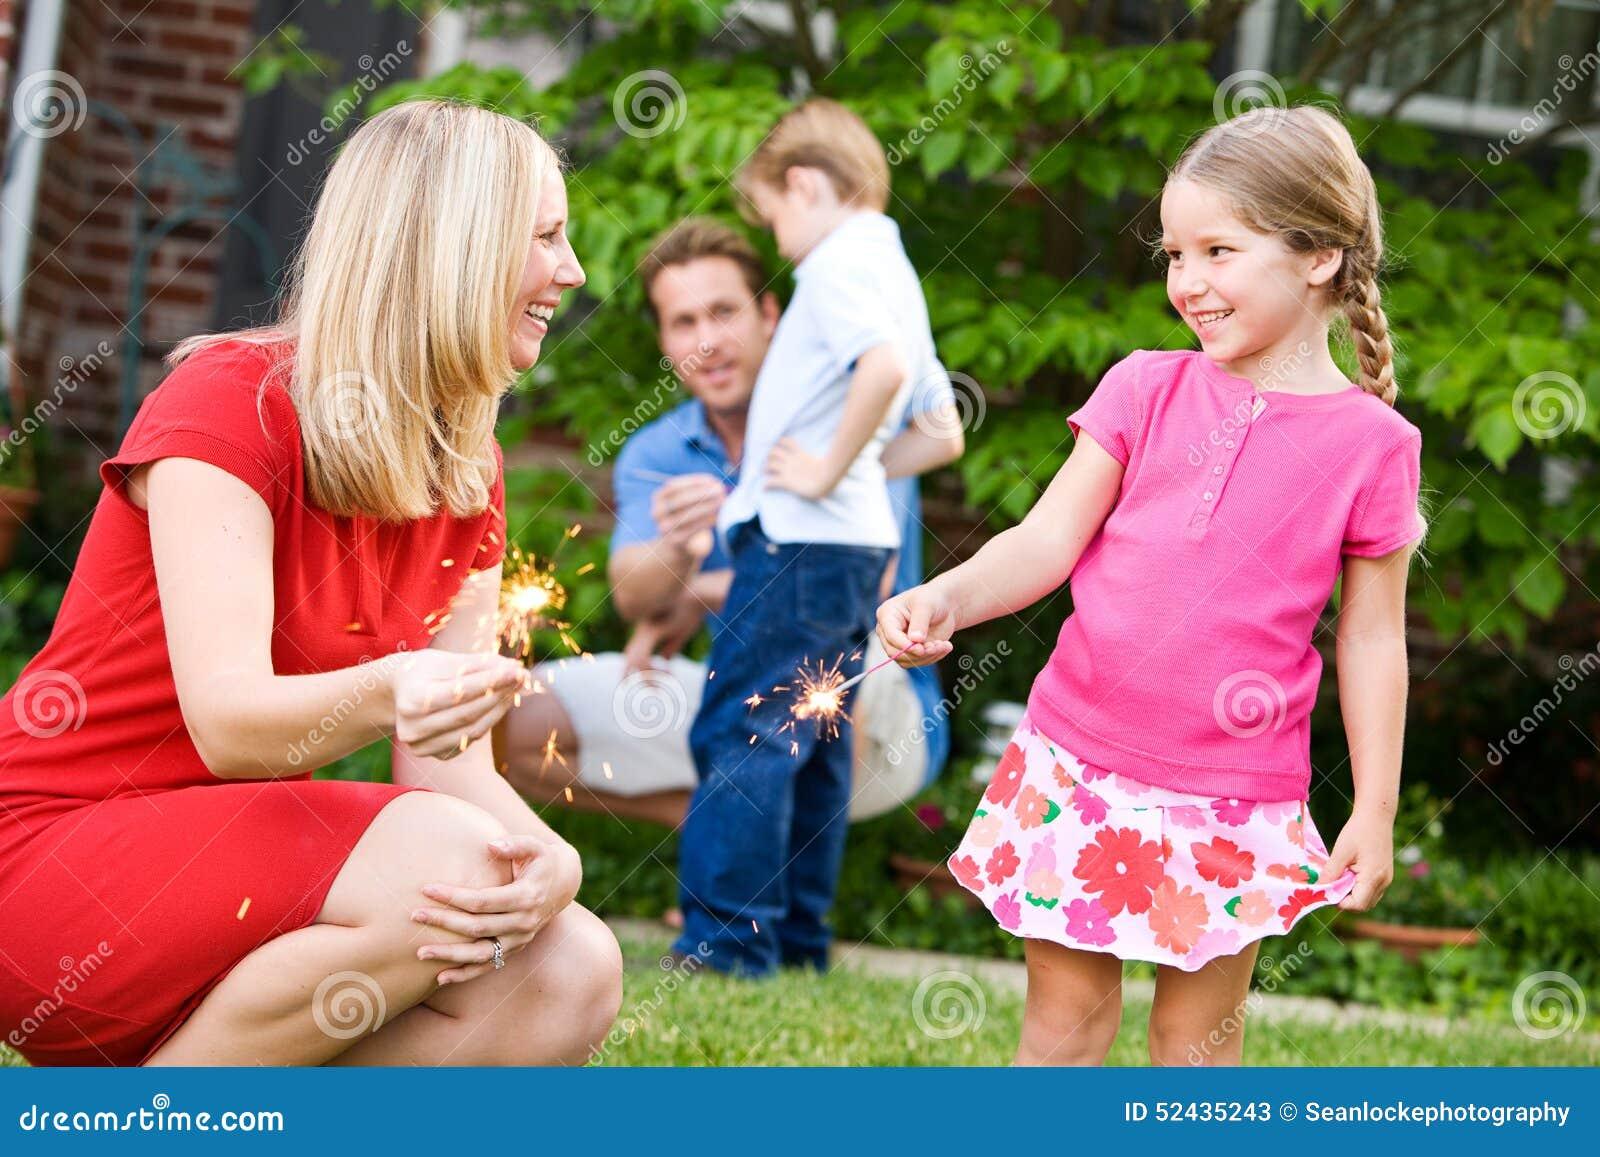 夏天:妈妈教女孩拿着闪烁发光物